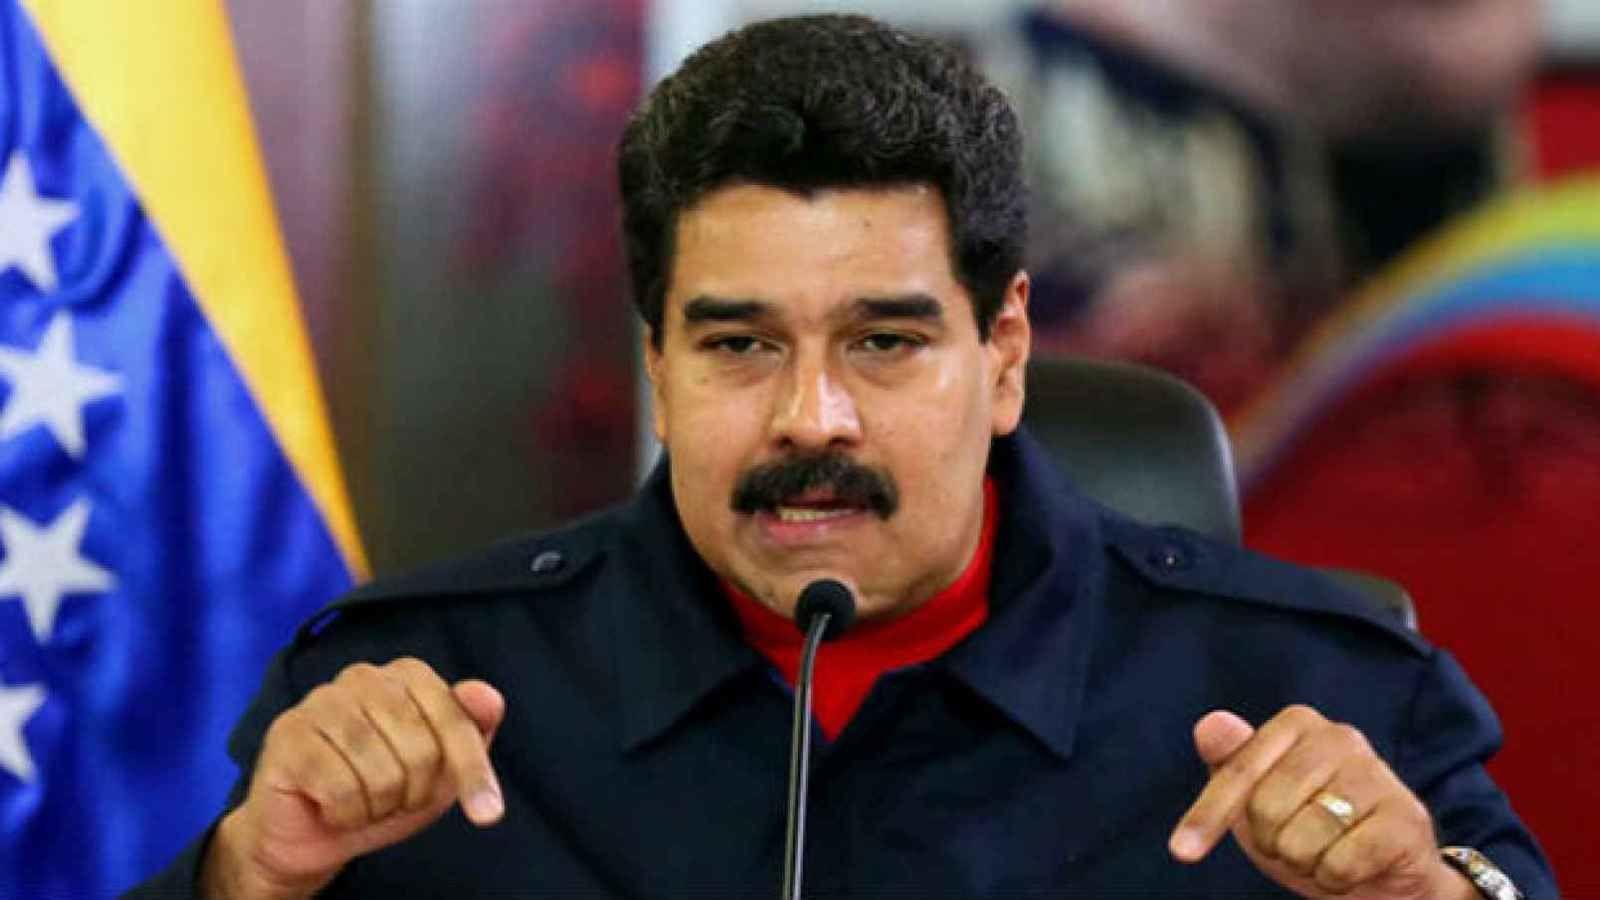 Le Venezuela, plus que jamais la cible des Etats-Unis